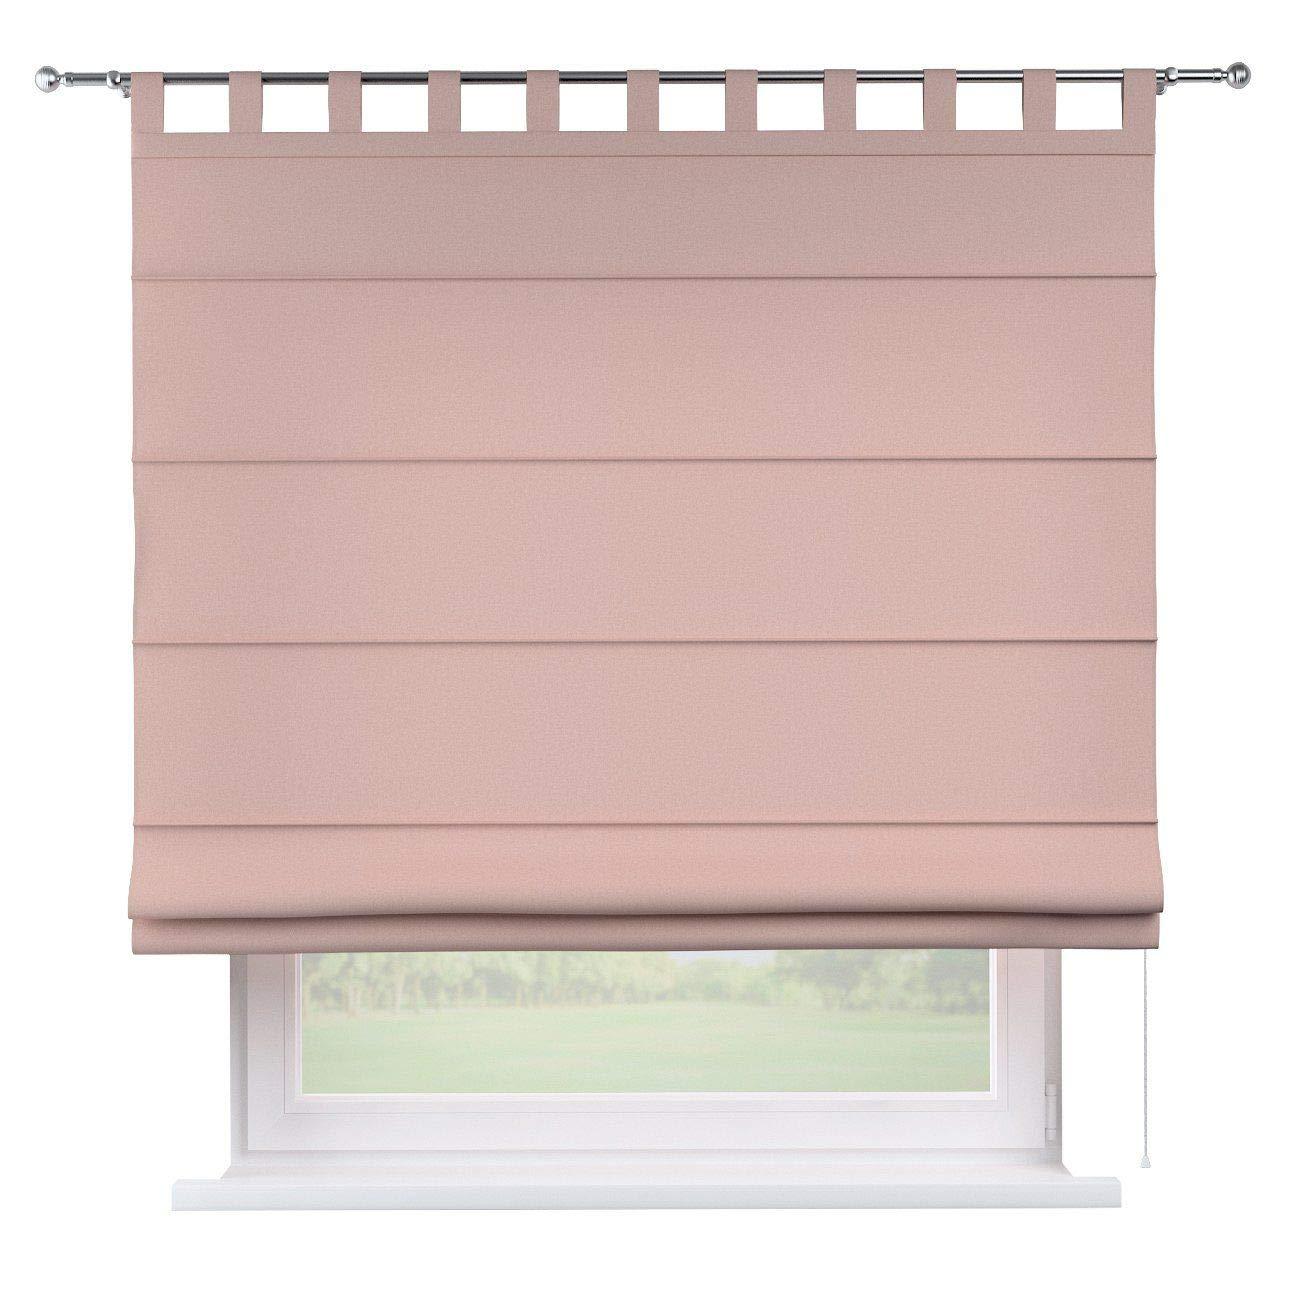 Dekoria Raffrollo Verona ohne Bohren Blickdicht Faltvorhang Raffgardine Wohnzimmer Schlafzimmer Kinderzimmer 130 × 170 cm rosa Raffrollos auf Maß maßanfertigung möglich